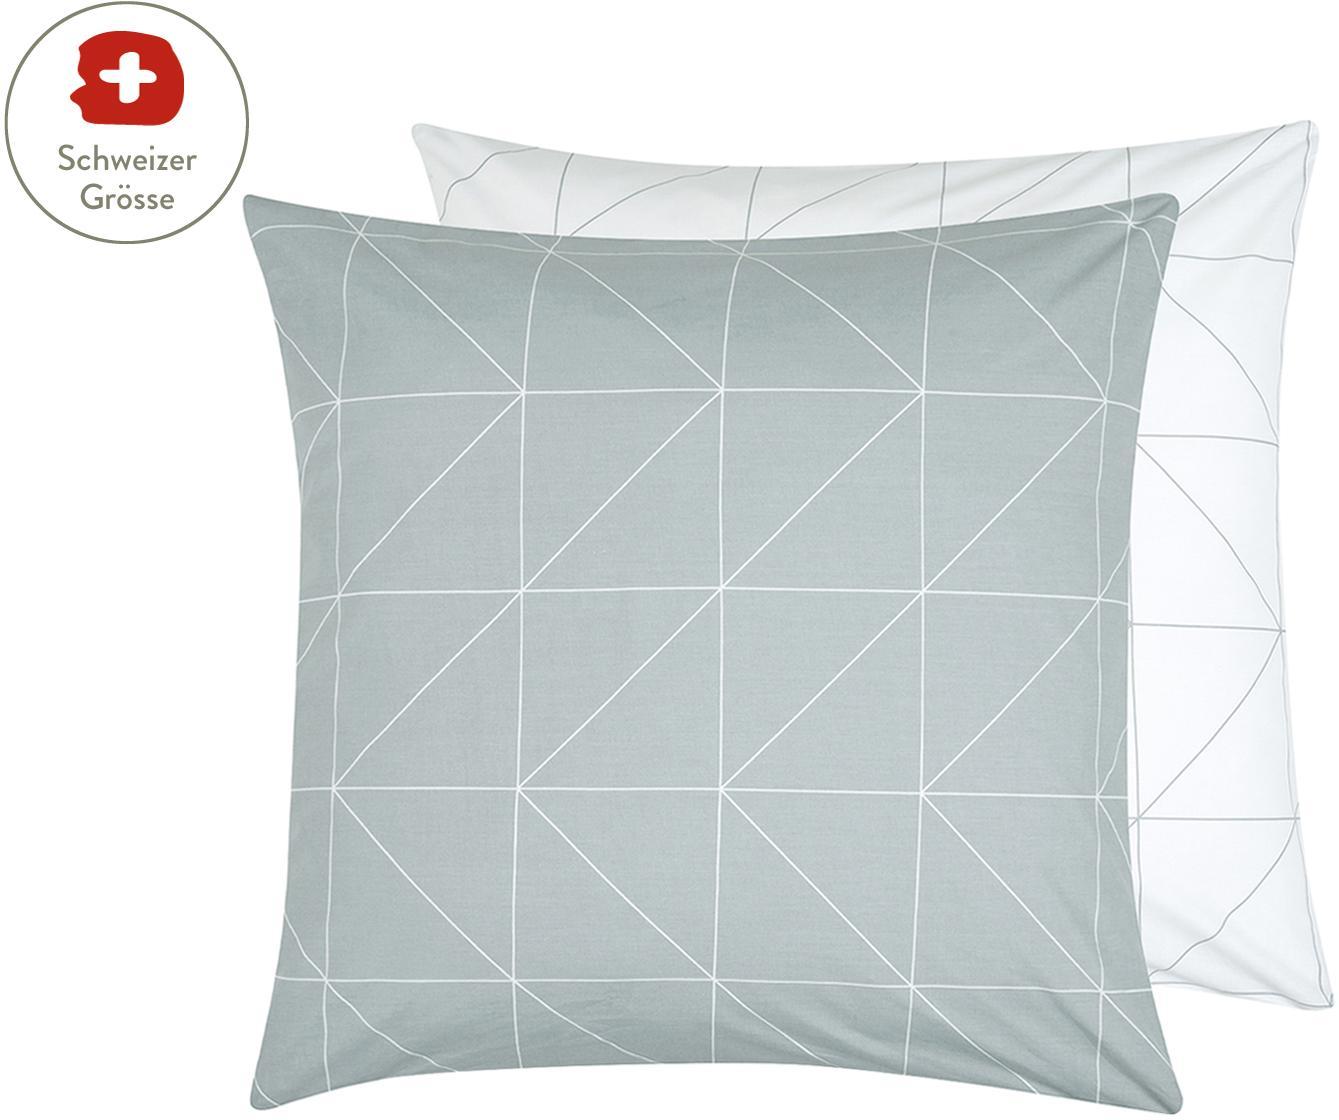 Baumwoll-Wendekissenbezug Marla mit grafischem Muster, Webart: Renforcé Fadendichte 144 , Grau, Weiss, 65 x 65 cm